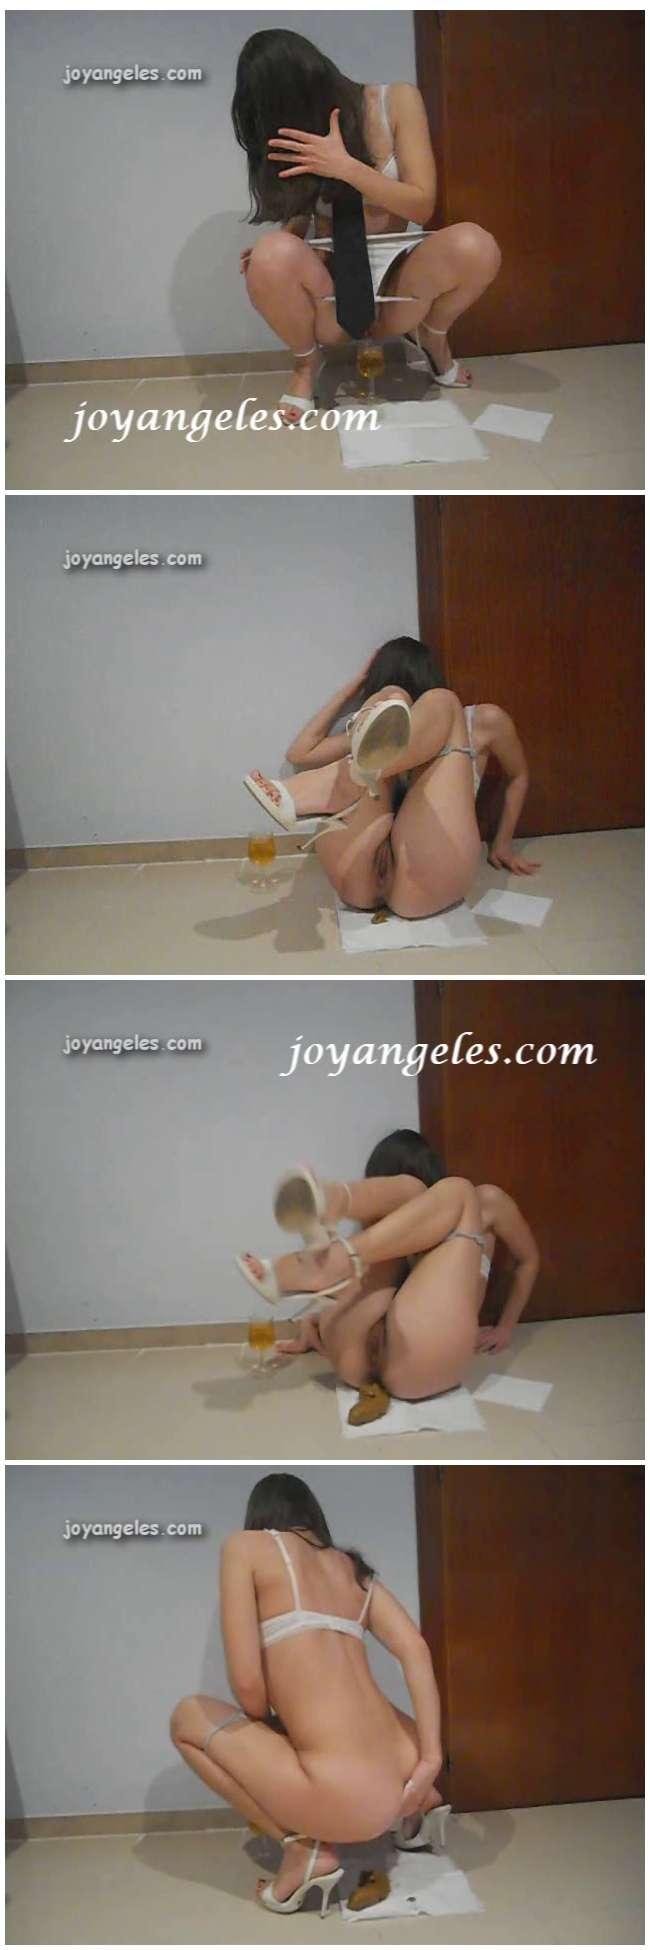 Joyangeles032_cover.jpg